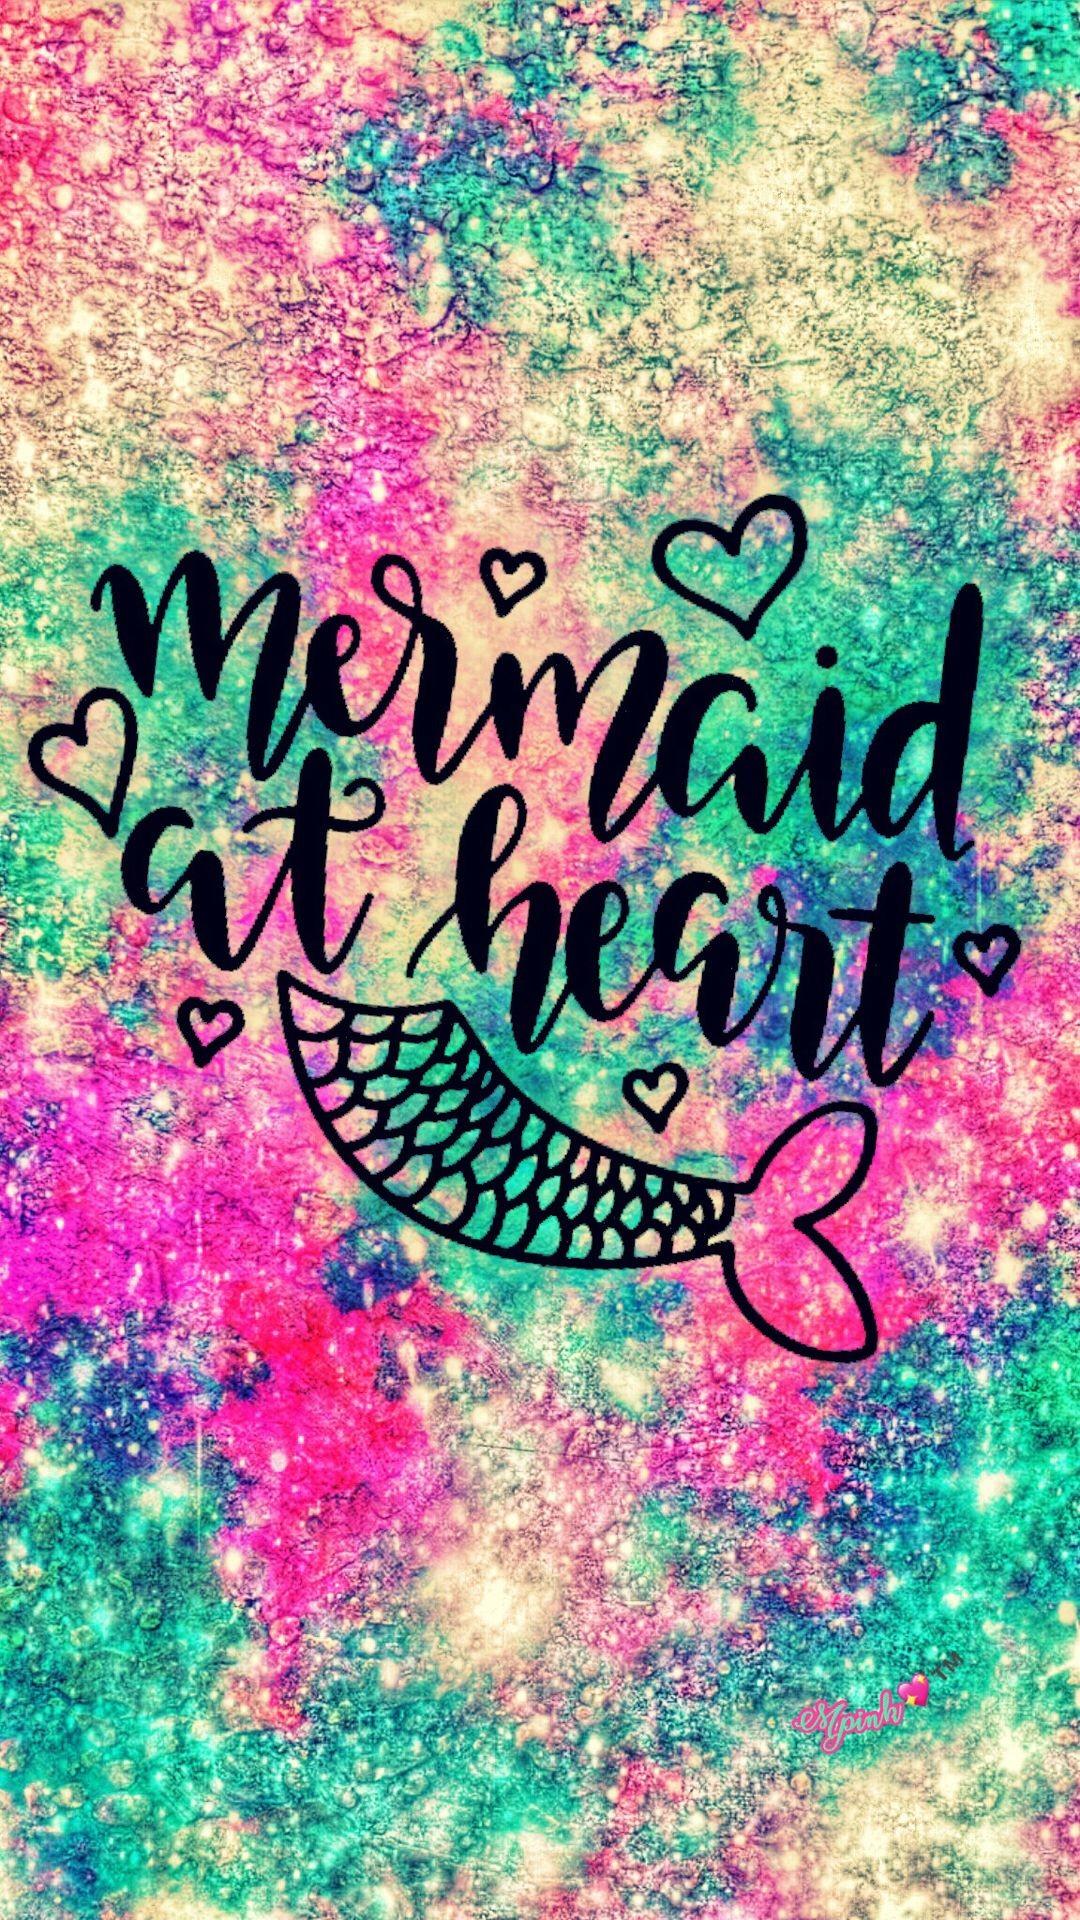 Res: 1080x1920, Mermaid At Heart Galaxy Wallpaper #androidwallpaper #iphonewallpaper # wallpaper #galaxy #sparkle #